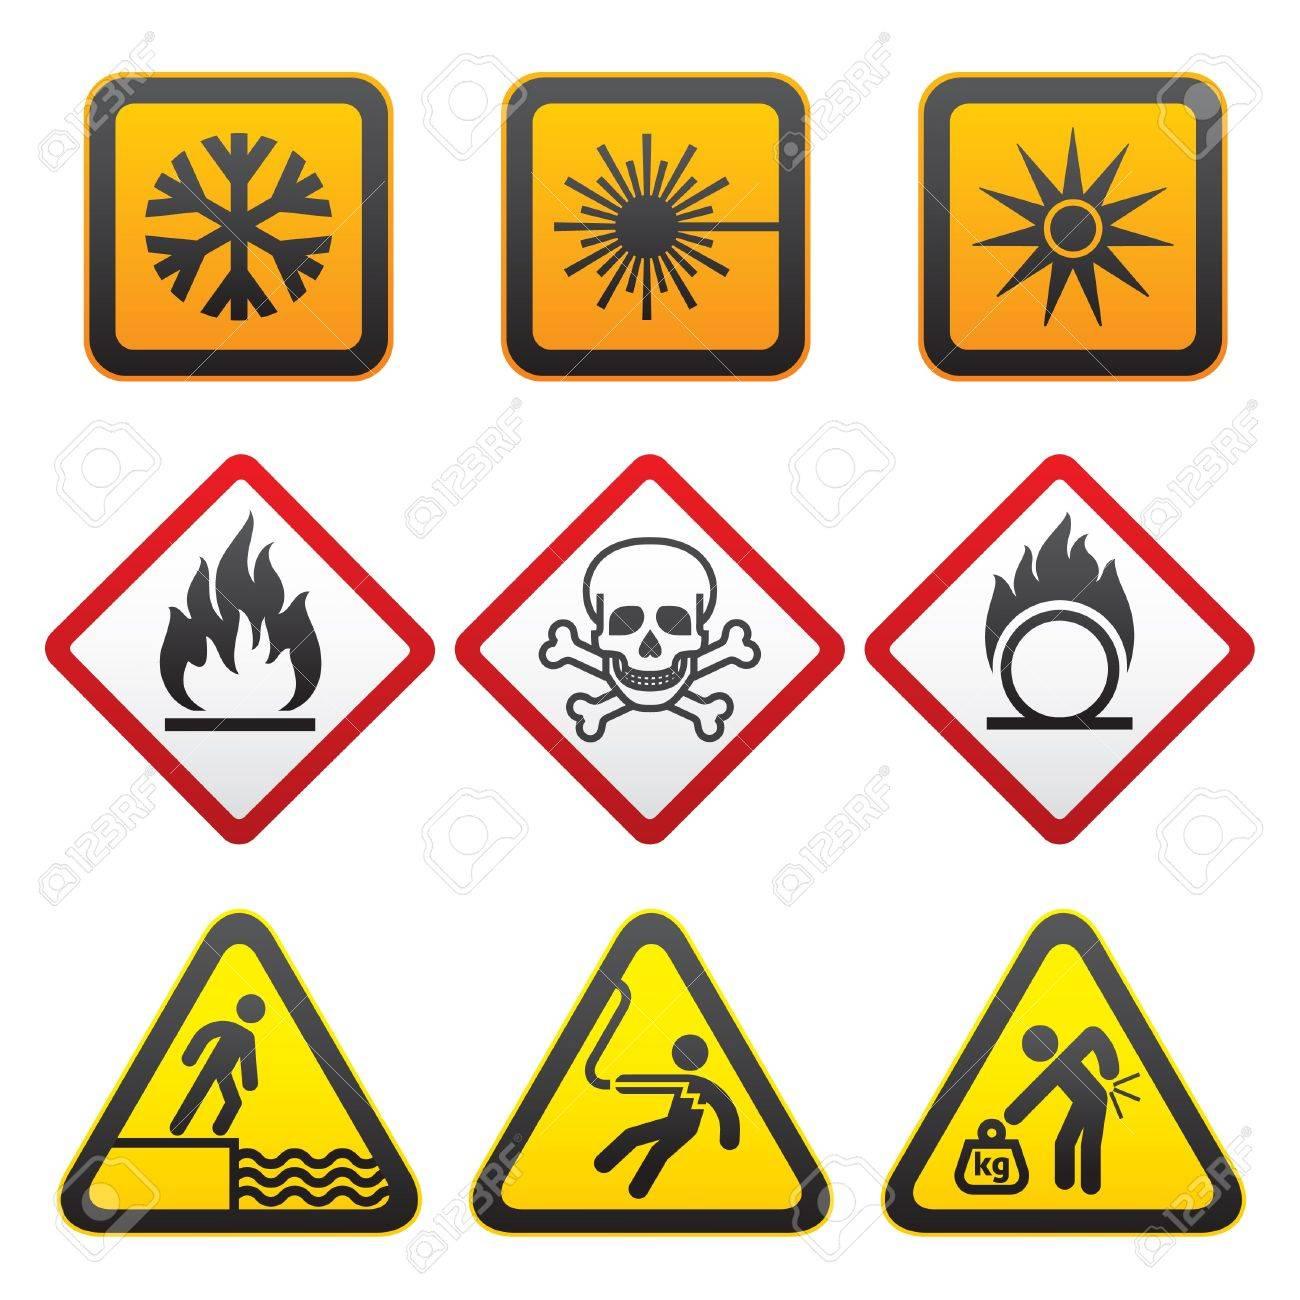 Warning Symbols Hazard Signs Third Set Royalty Free Cliparts